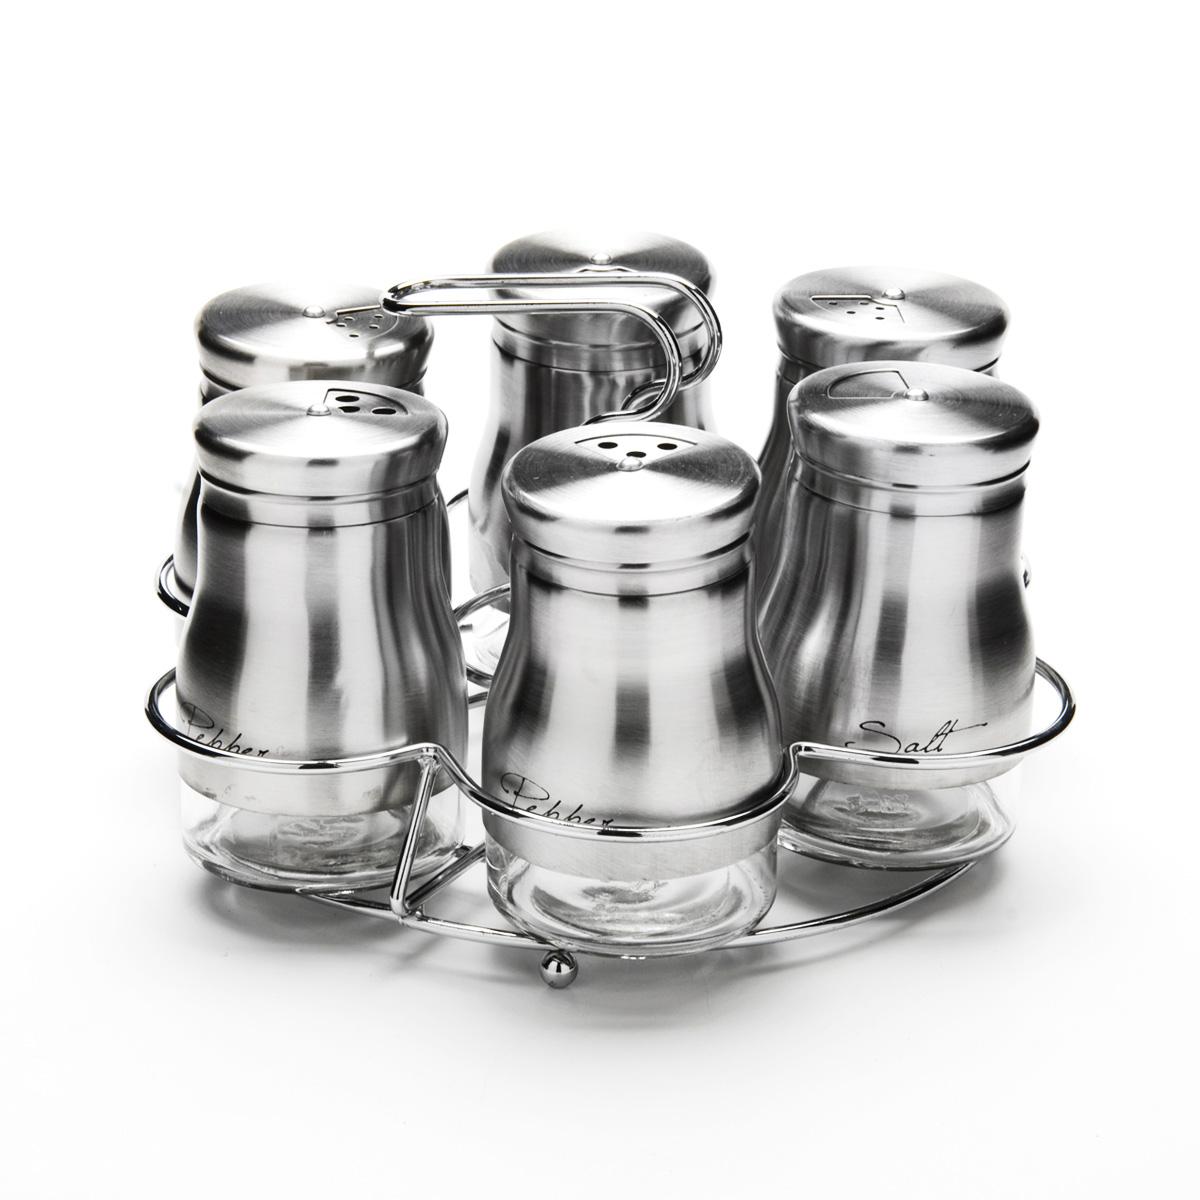 Набор для специй Mayer & Boch, на подставке, 7 предметовПЦ1812ЛМНабор для специй Mayer & Boch состоит из шести баночек и подставки. Баночки выполнены из стекла и высококачественной нержавеющей стали, оснащены плотно закручивающимися крышками, которые имеют три варианта добавления специй: через мелкие, средние или крупные отверстия. Для баночек предусмотрена металлическая подставка с ручкой.Набор для специй Mayer & Boch стильно оформит интерьер кухни и станет незаменимым при приготовлении пищи. Компактный, не занимает много места и всегда будет под рукой. Диаметр баночки (по верхнему краю): 3,5 см.Высота баночки (с крышкой): 9 см.Объем баночки: 140 мл.Размер подставки: 17,5 см х 17,5 см х 12 см.